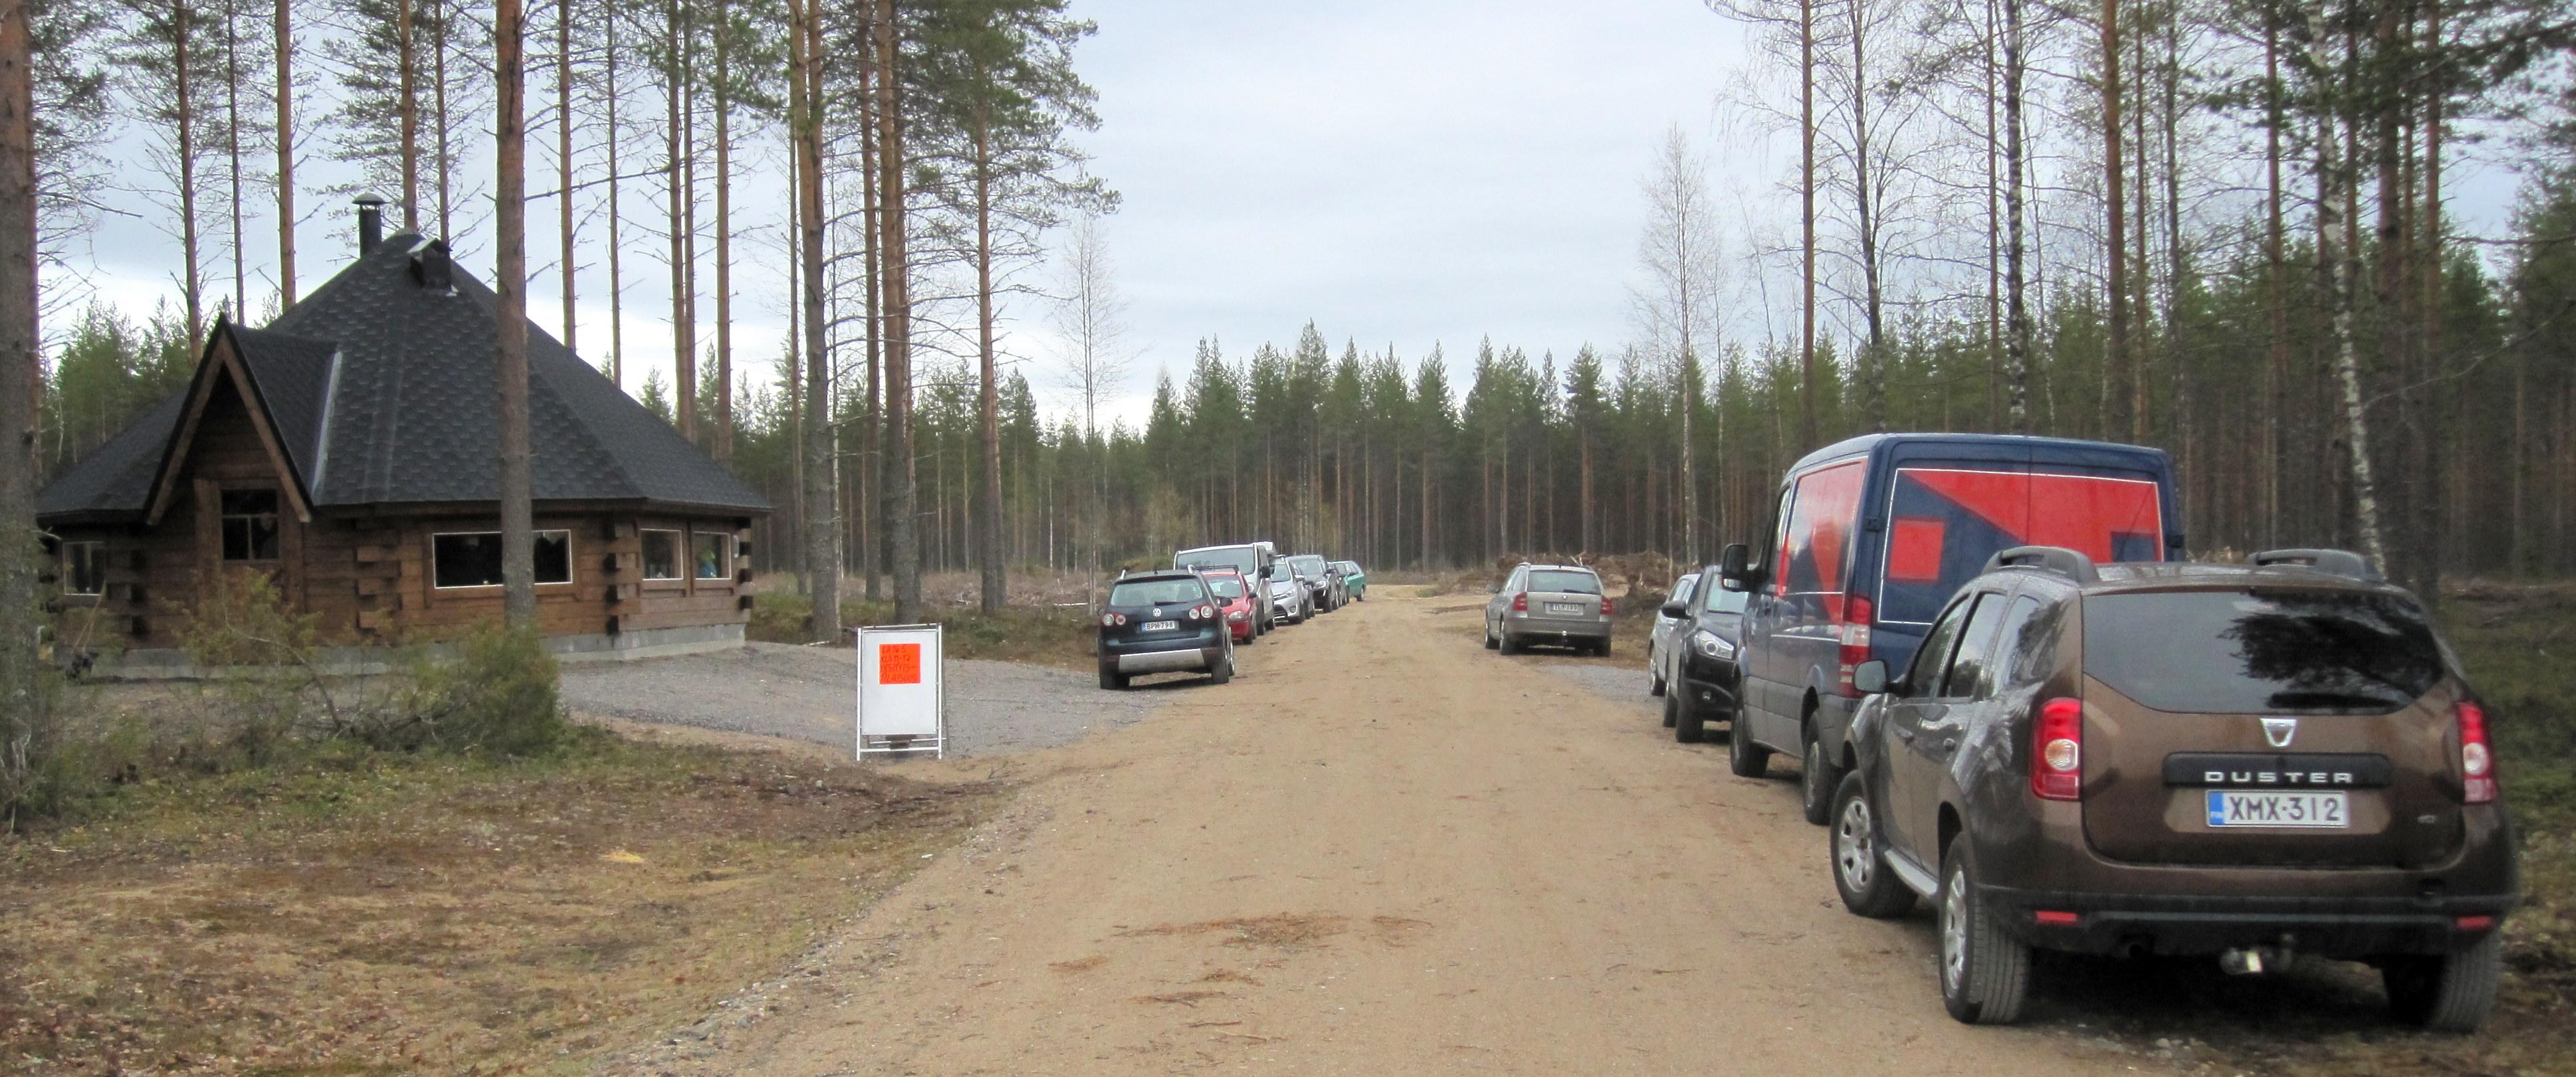 Jukolan motti -pirtissä runsas vierailijoitten määrä yllätti. Kuva Arto Räsänen 16.5.2015 tilaisuudesta.